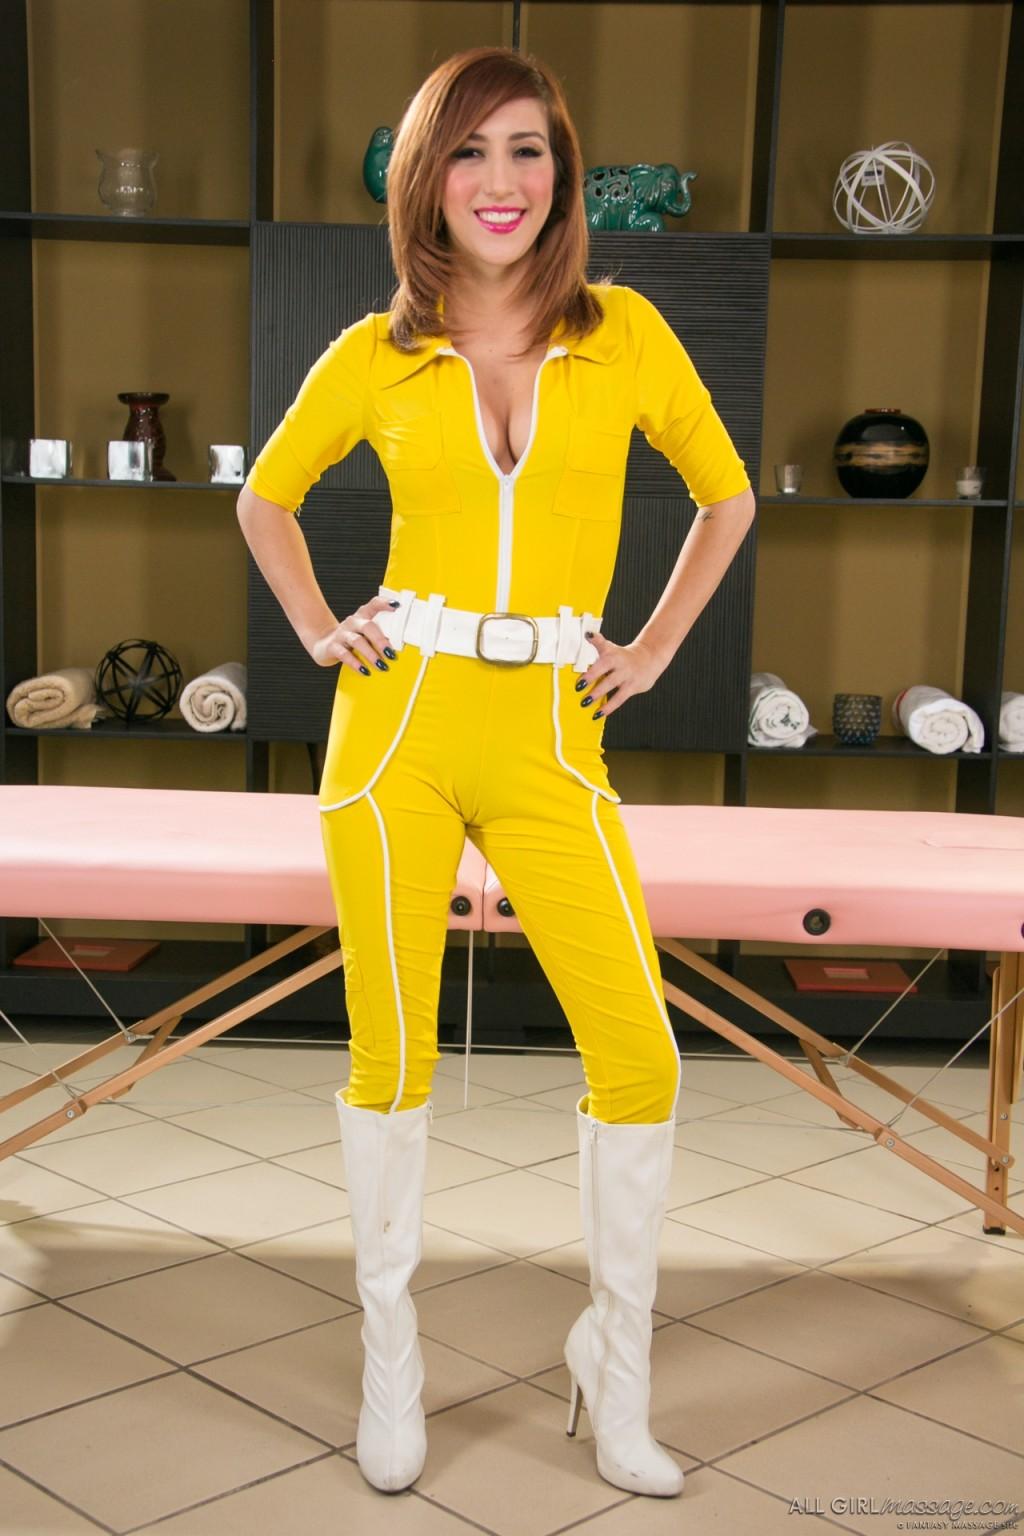 Эприл ОНейл снимает с себя желтый костюм и остается совсем голой, показывая мохнатую пизденку